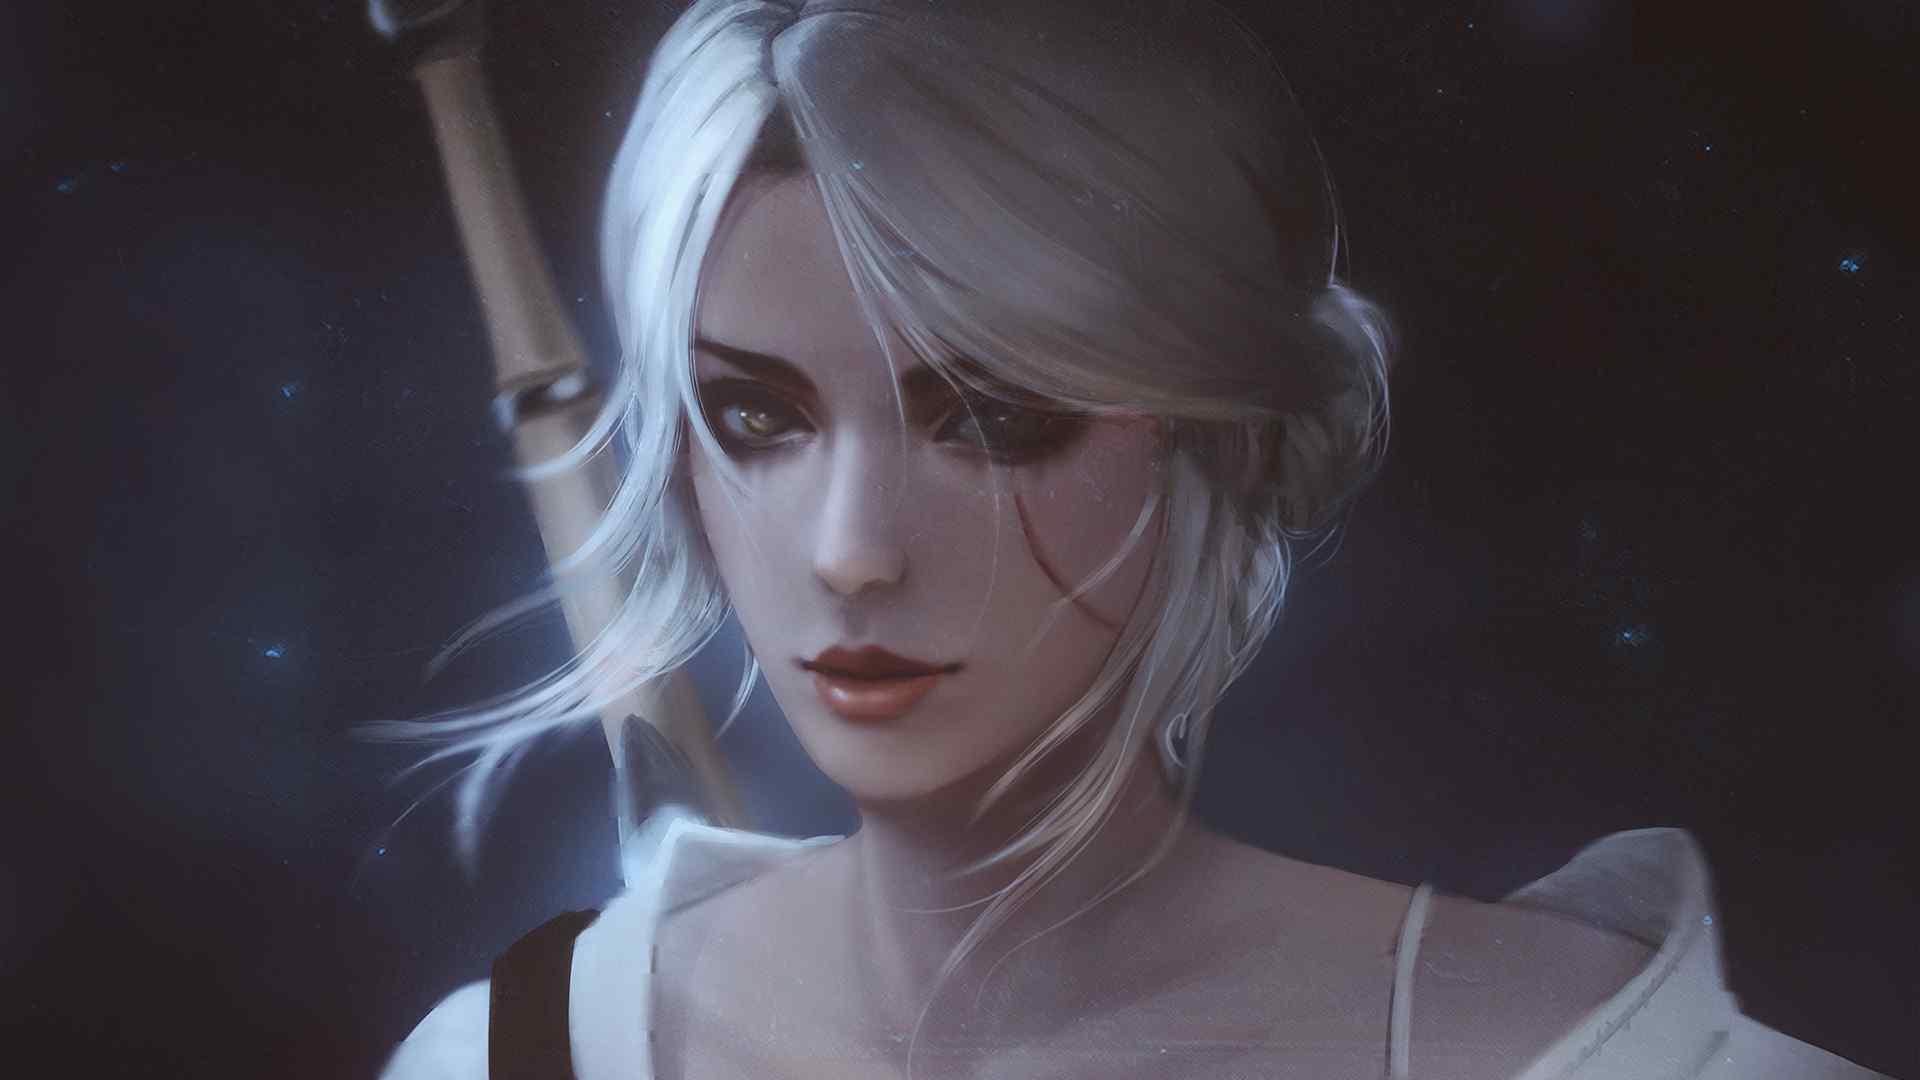 巫师3游戏壁纸希里壁纸白狼女儿壁纸游戏美女壁纸